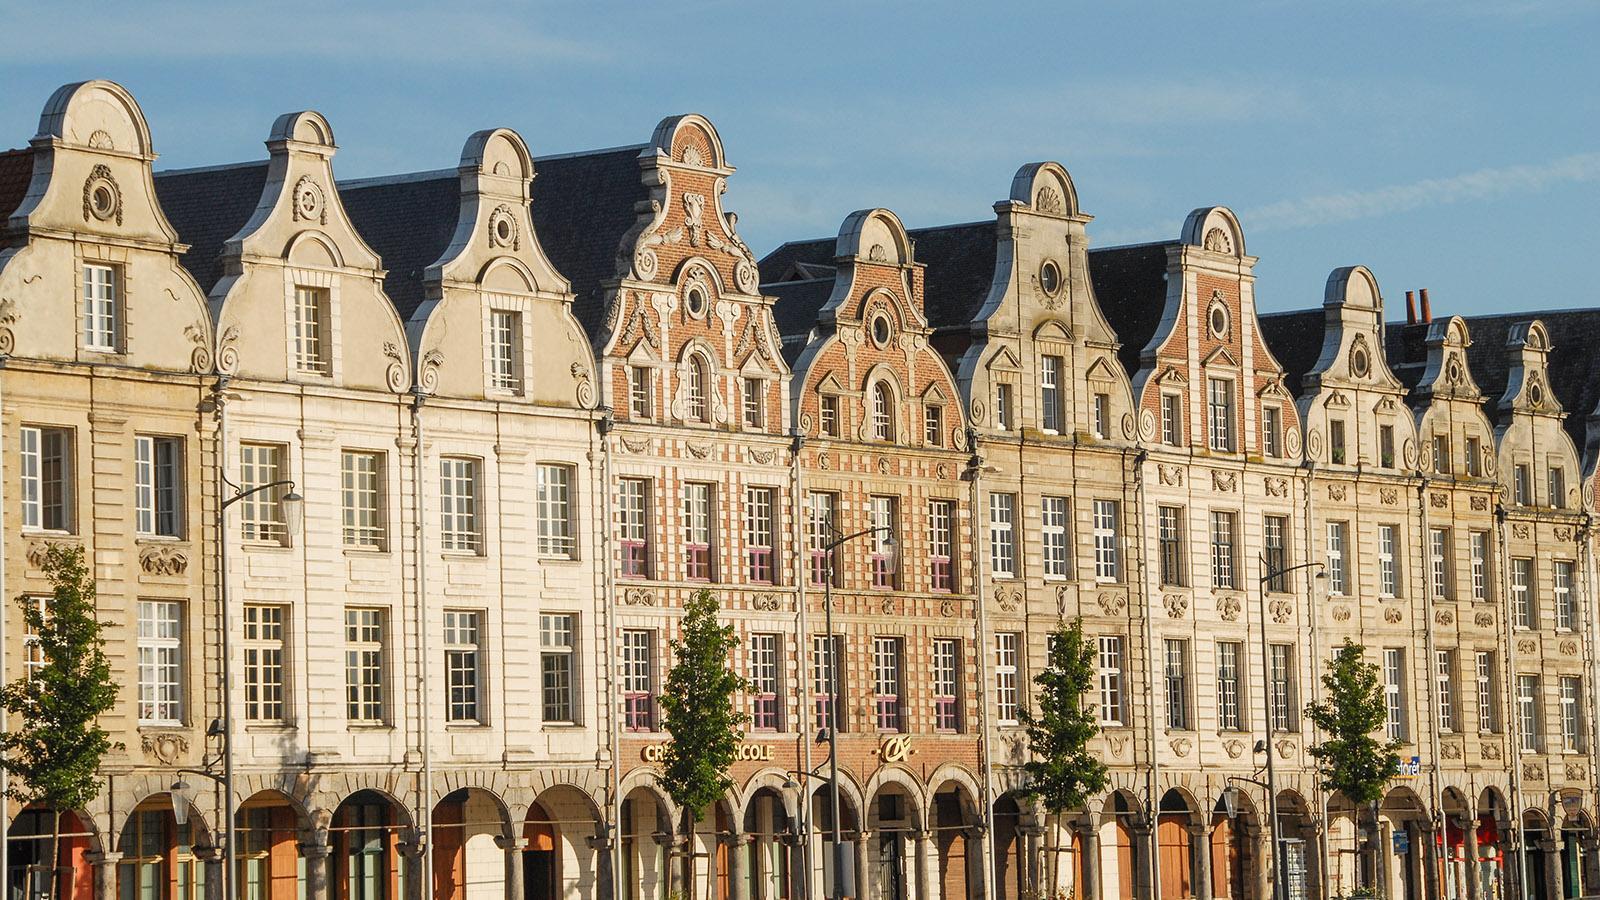 Die Grande Place von Arras ist gesäumt von Giebelhäusern im flämischen Barock. Foto: Hilke Maunder